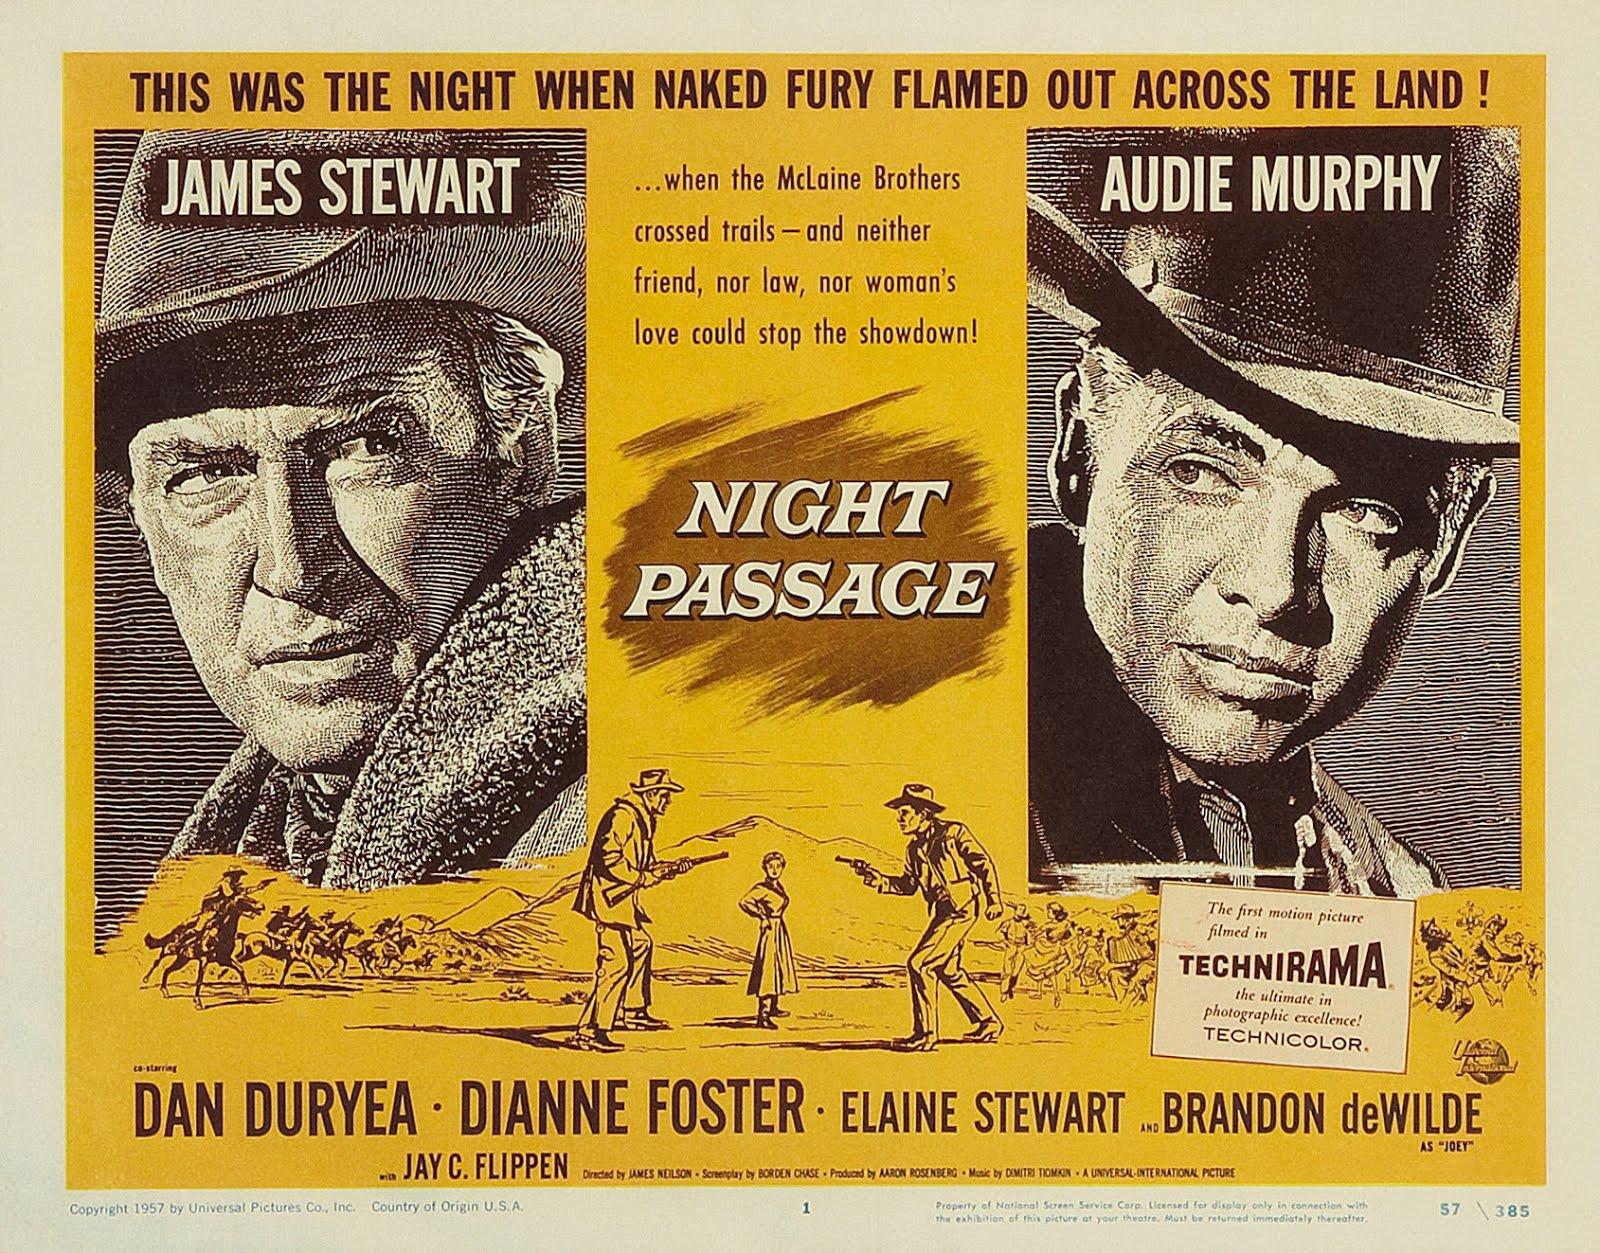 dan duryea central  night passage  1957